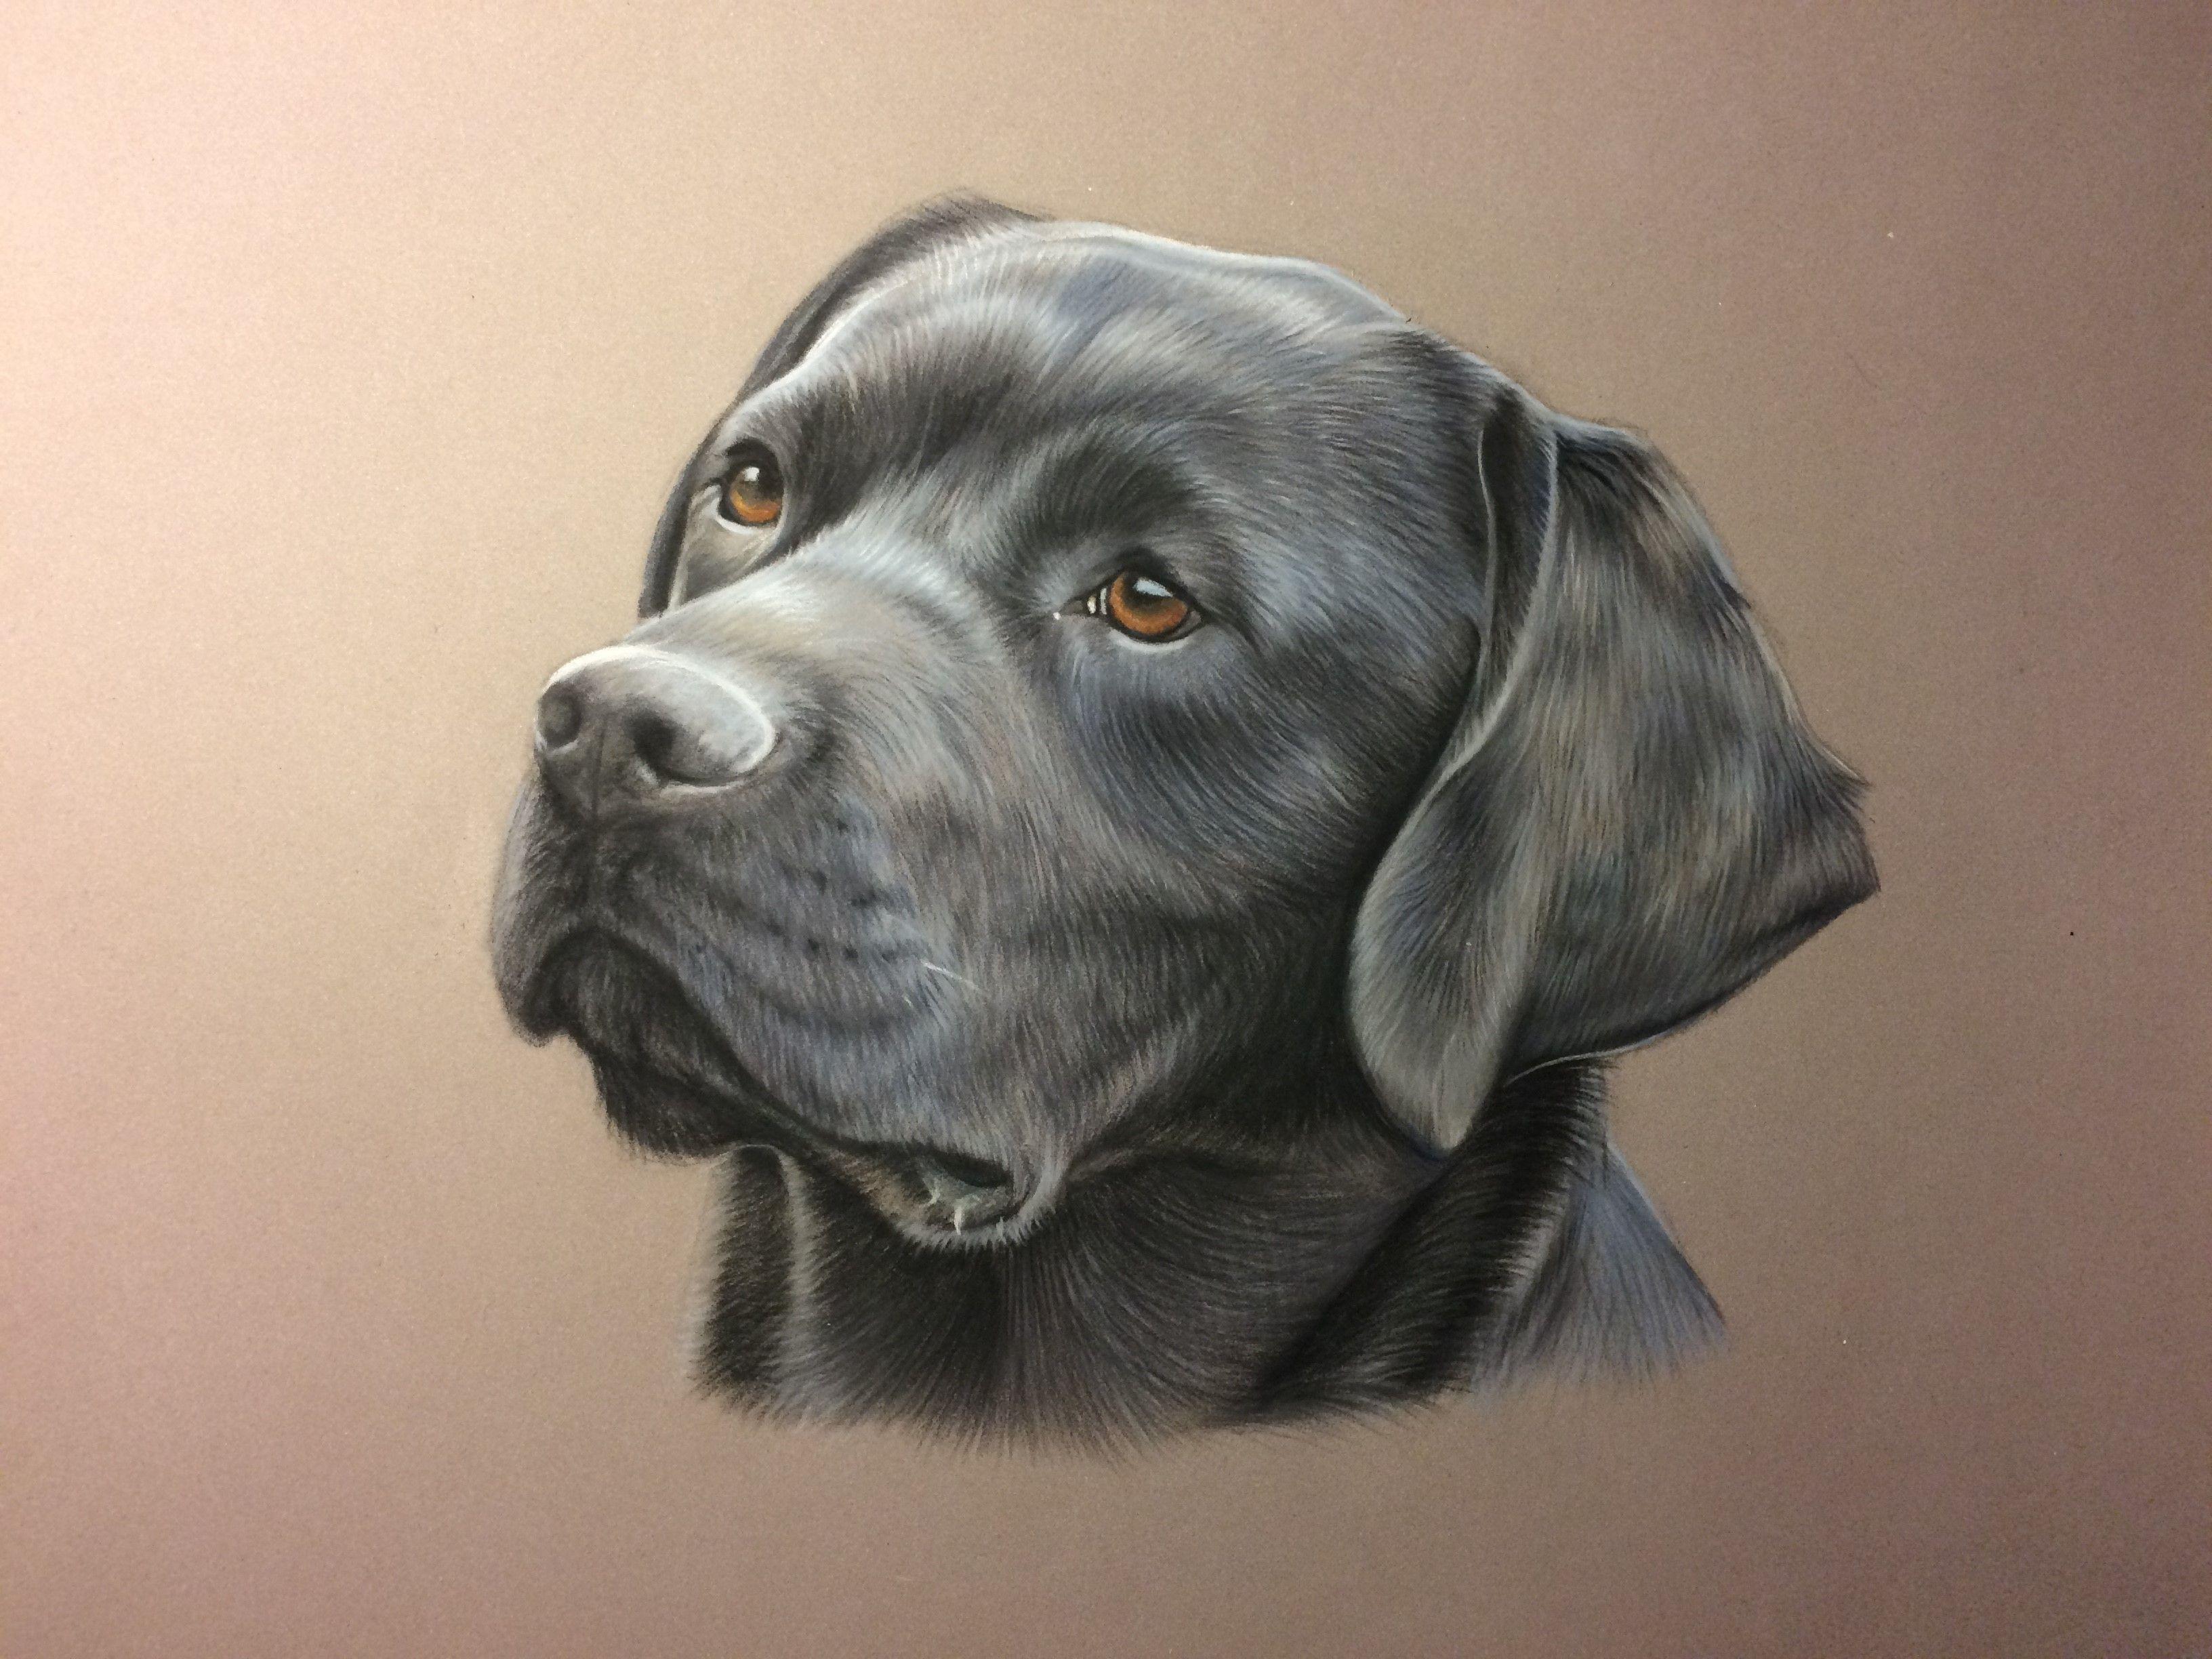 Dessin De Labrador Au Pastel | Dessin Chien, Uages Chien tout Coloriage Labrador